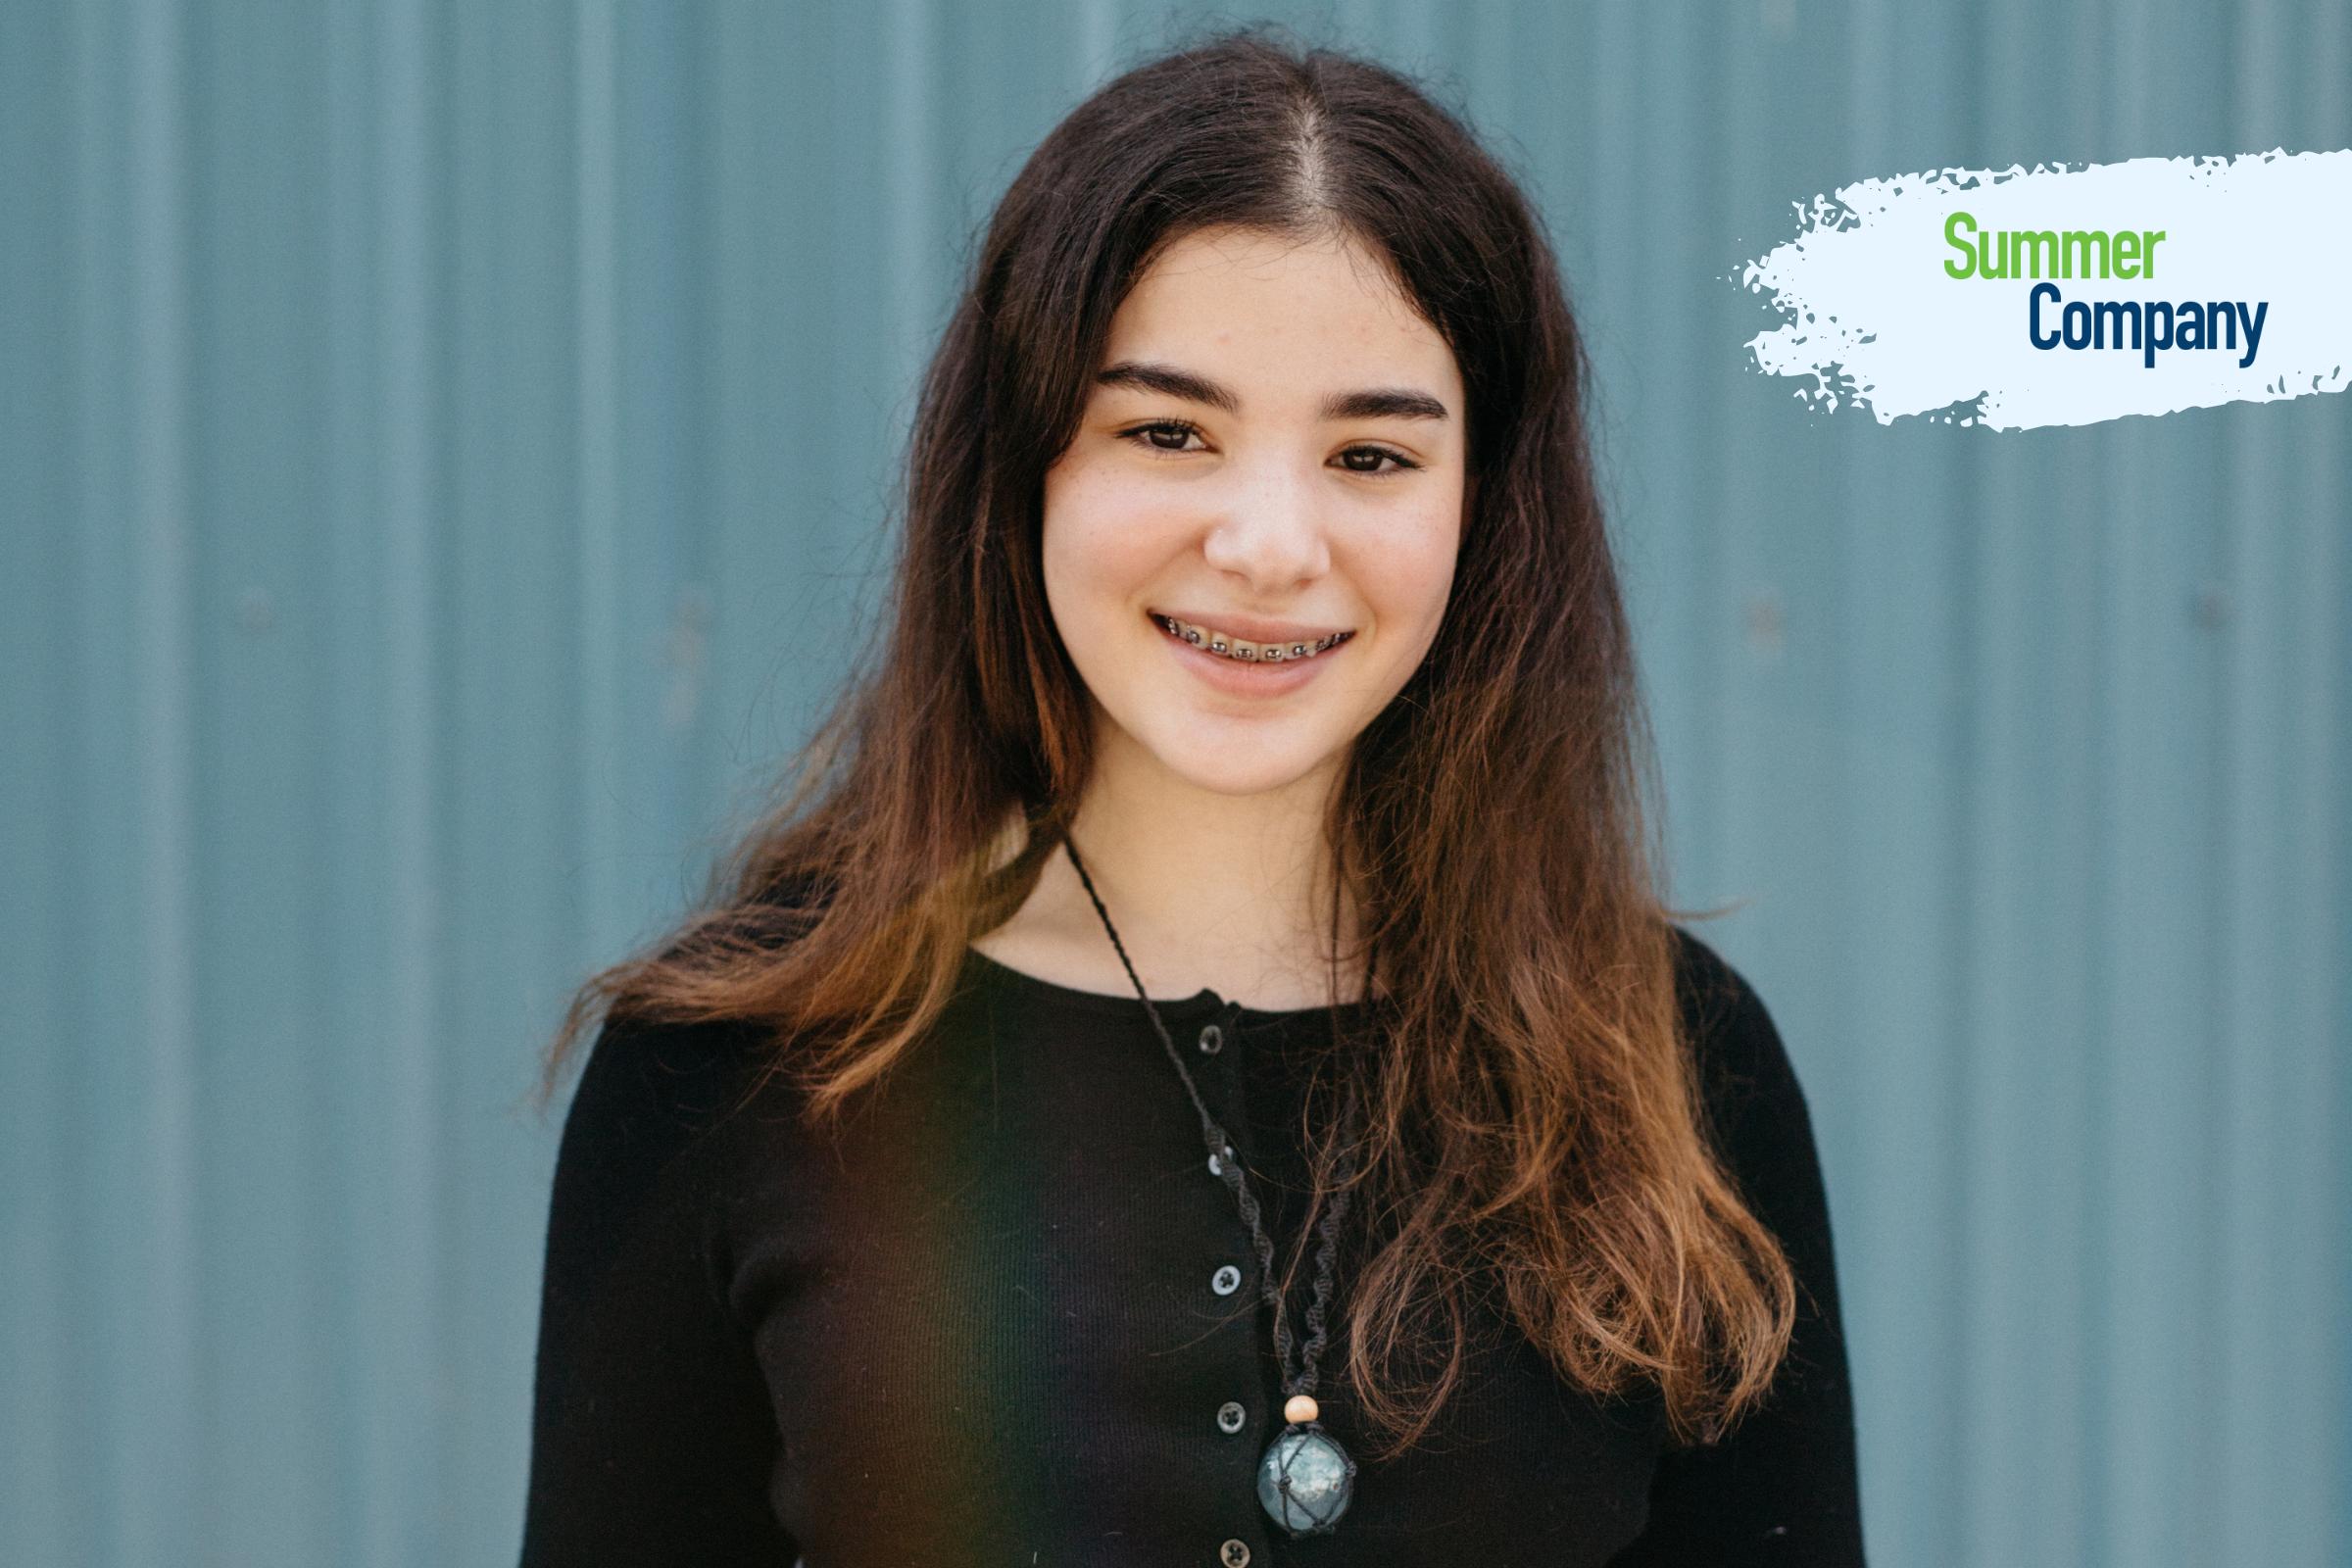 Summer Company Spotlight: Breana Pitoscia